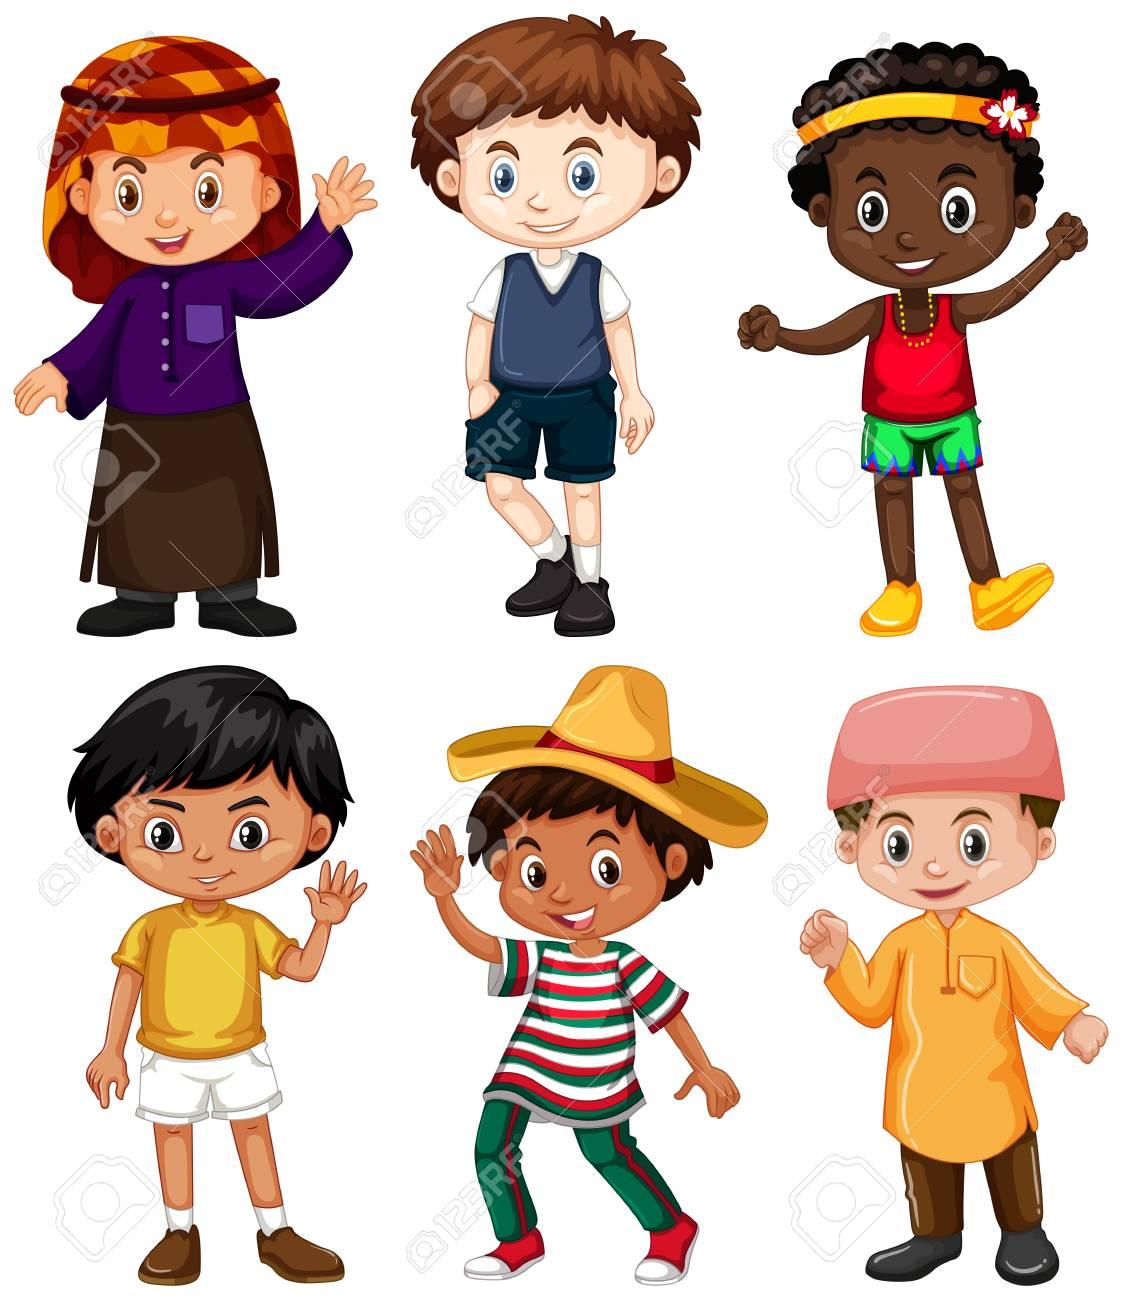 異なる国から6人の少年がイラストのイラスト素材 ベクタ Image